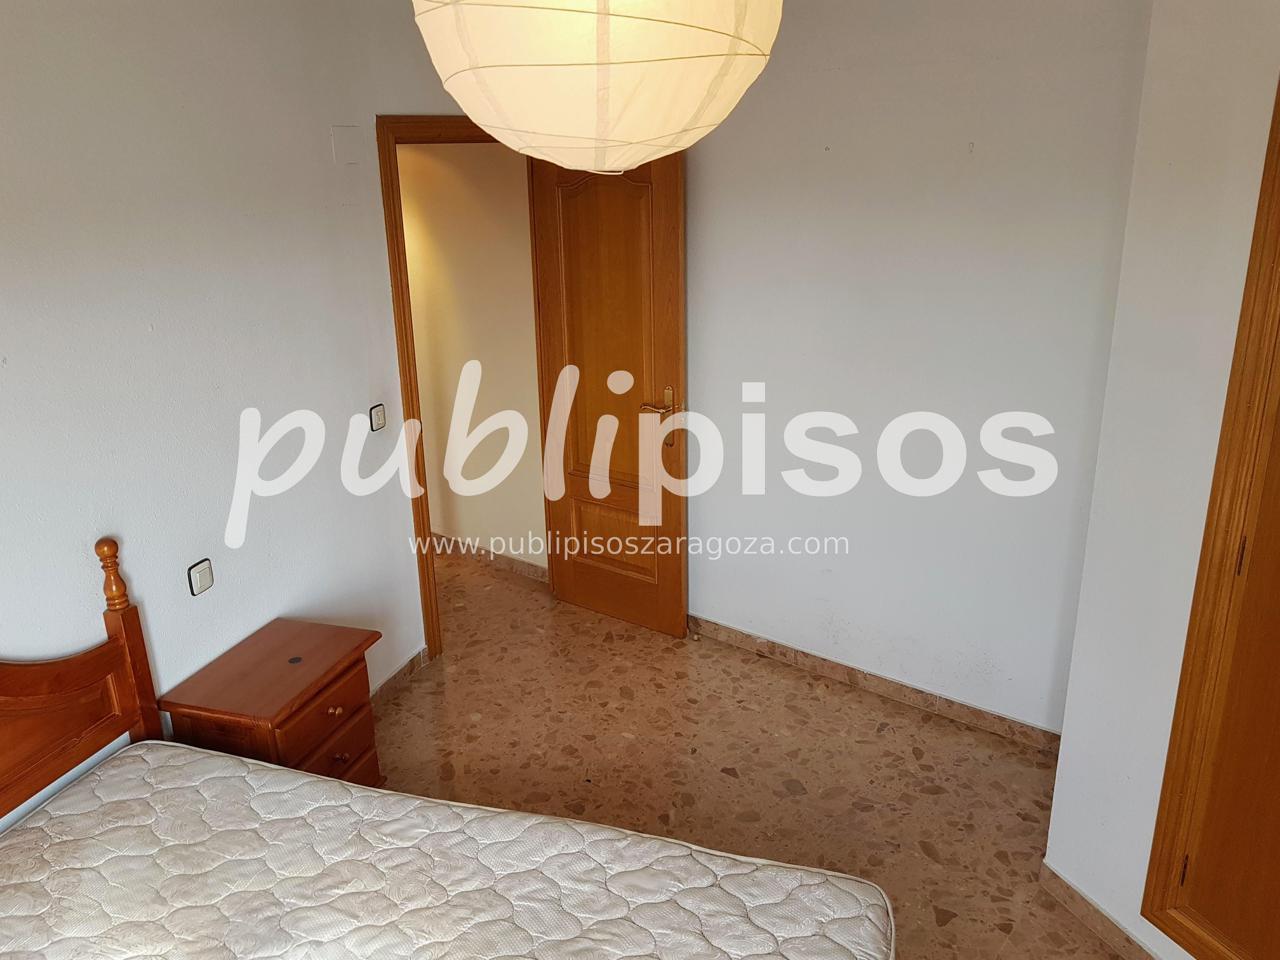 Piso alquiler con garaje y vistas centro Zaragoza-18